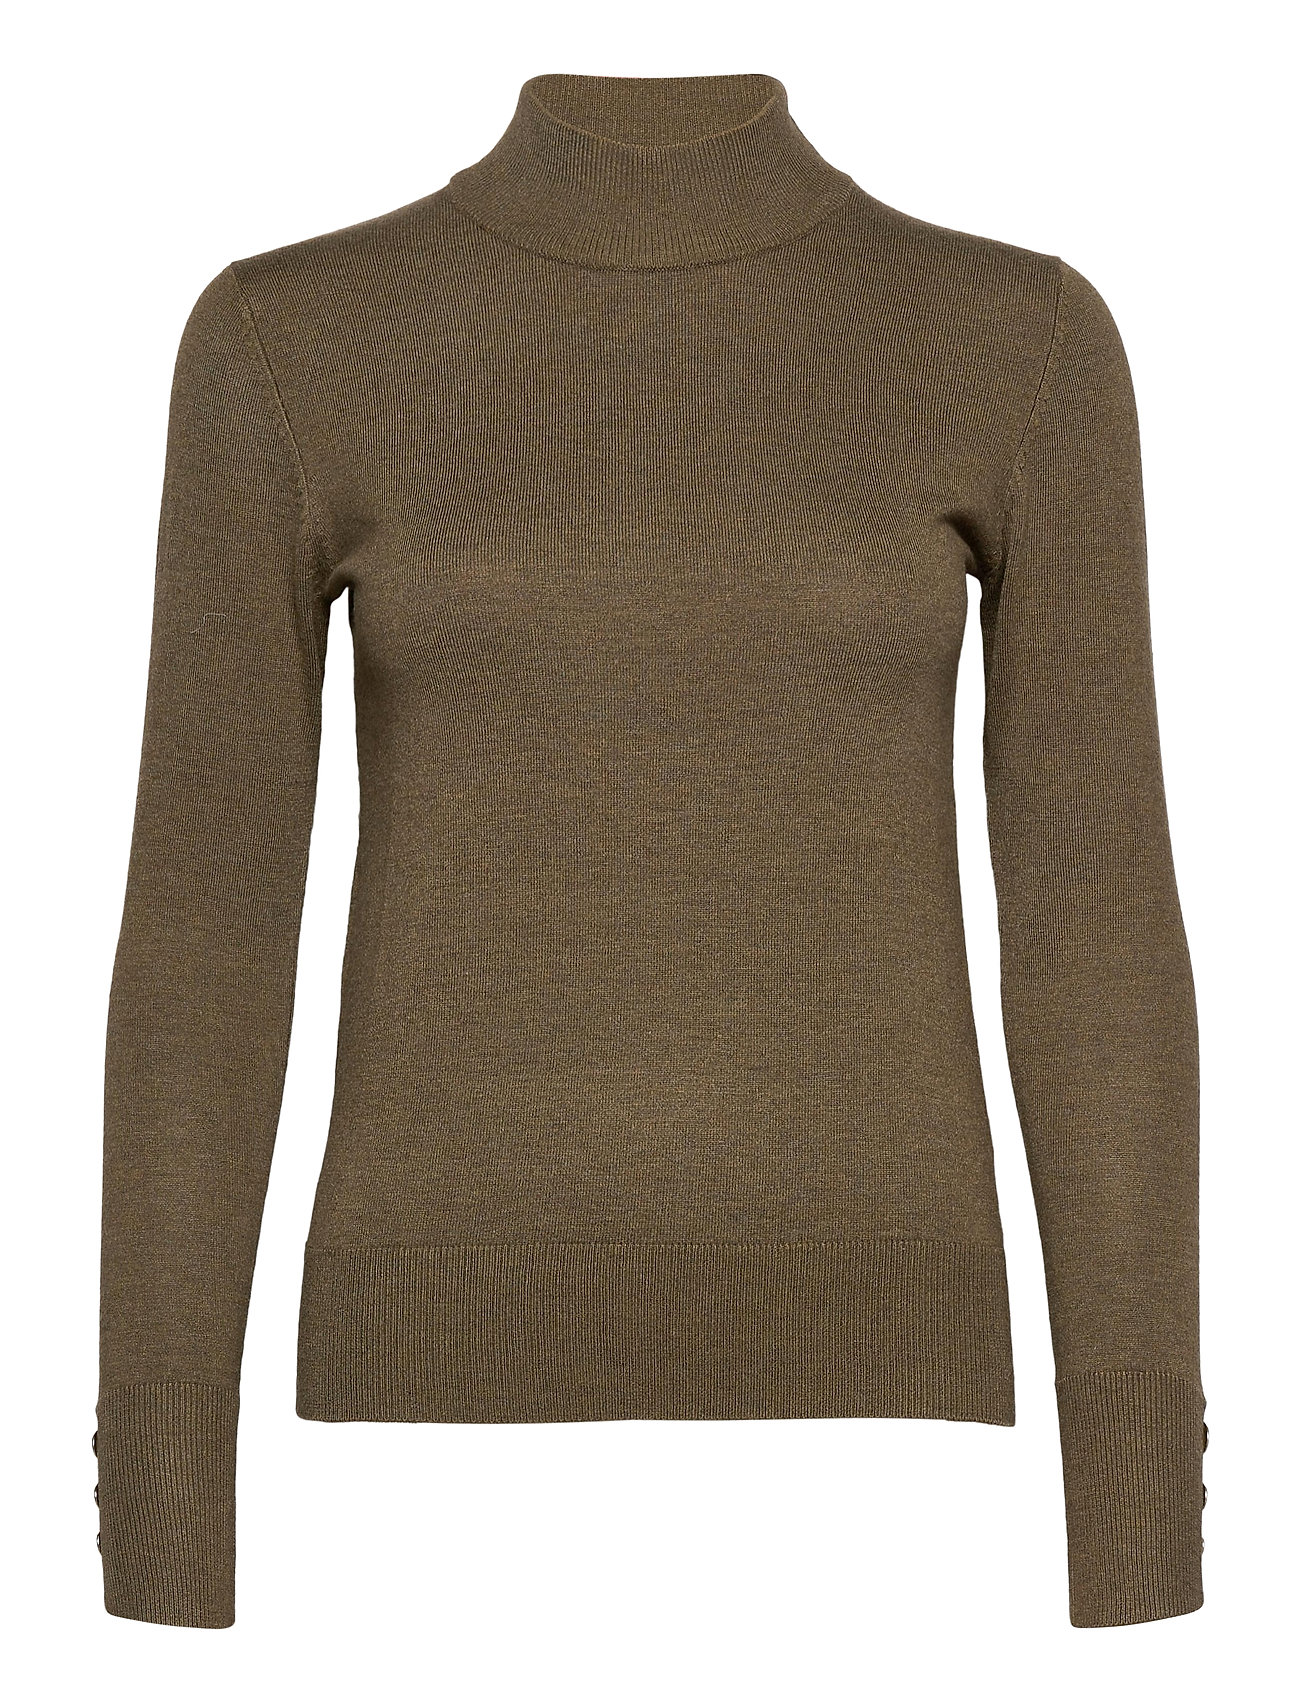 Image of Pzsara Turtleneck Turtleneck Rullekravetrøje Grøn Pulz Jeans (3435719869)